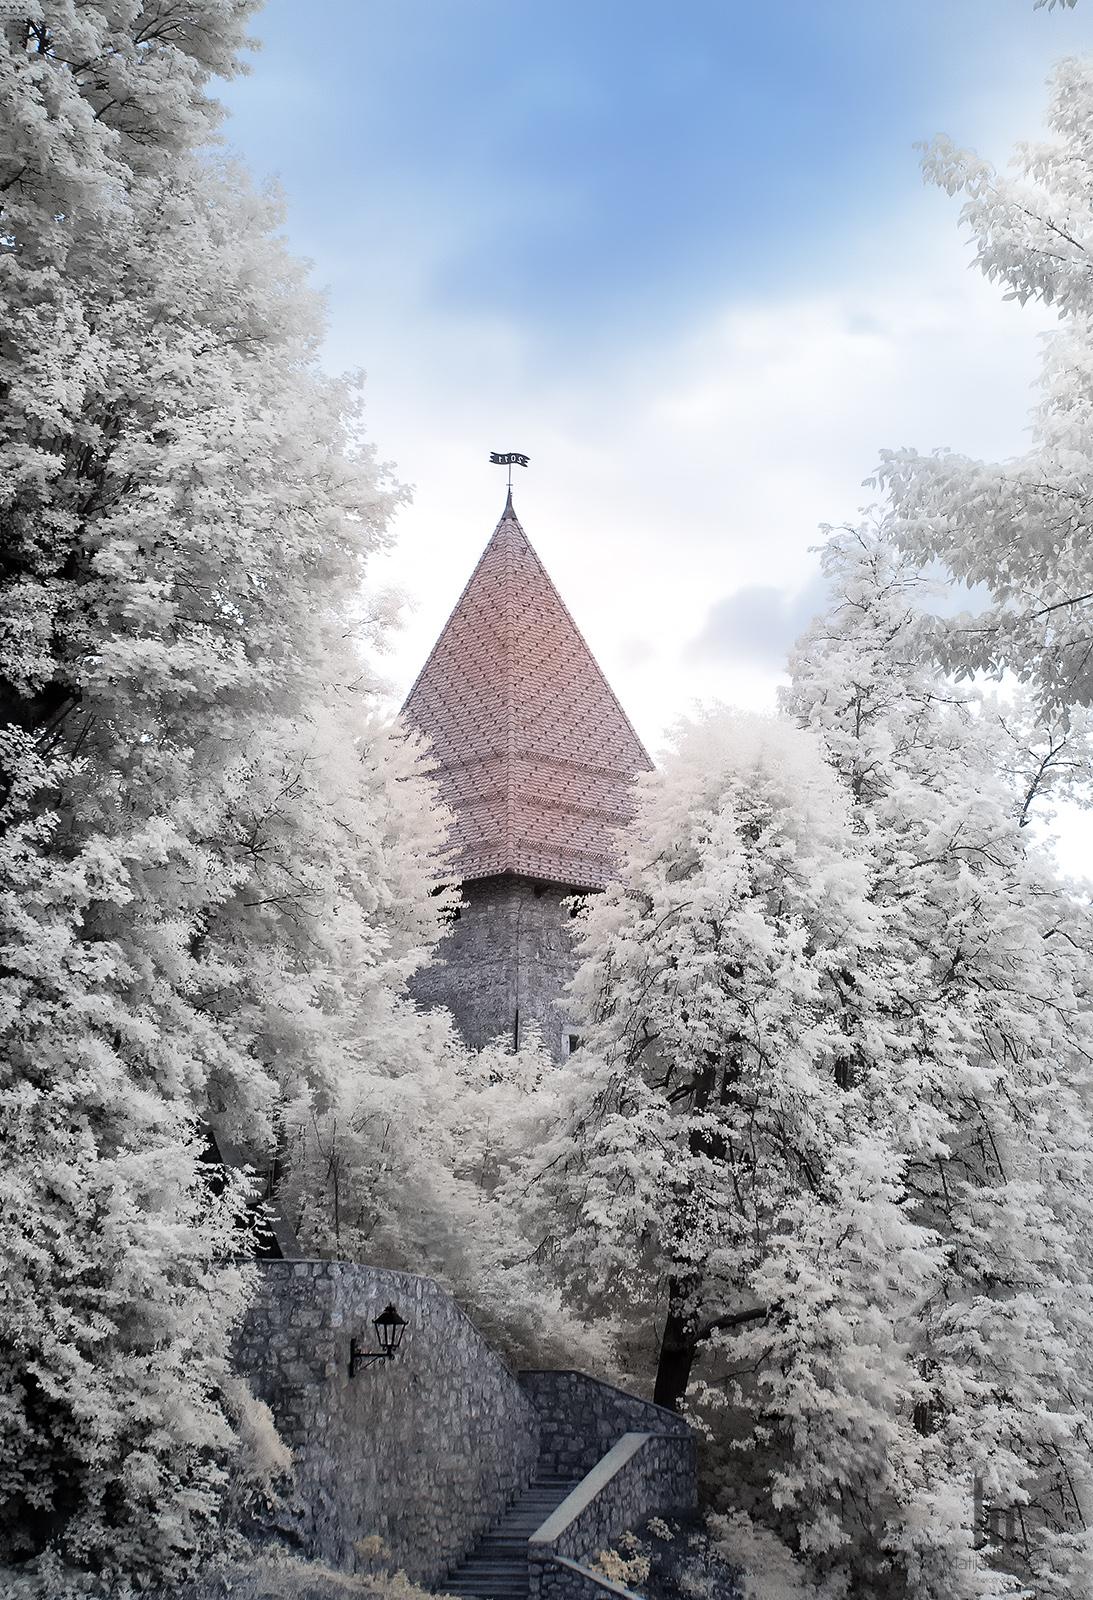 Watch Tower in Kranj